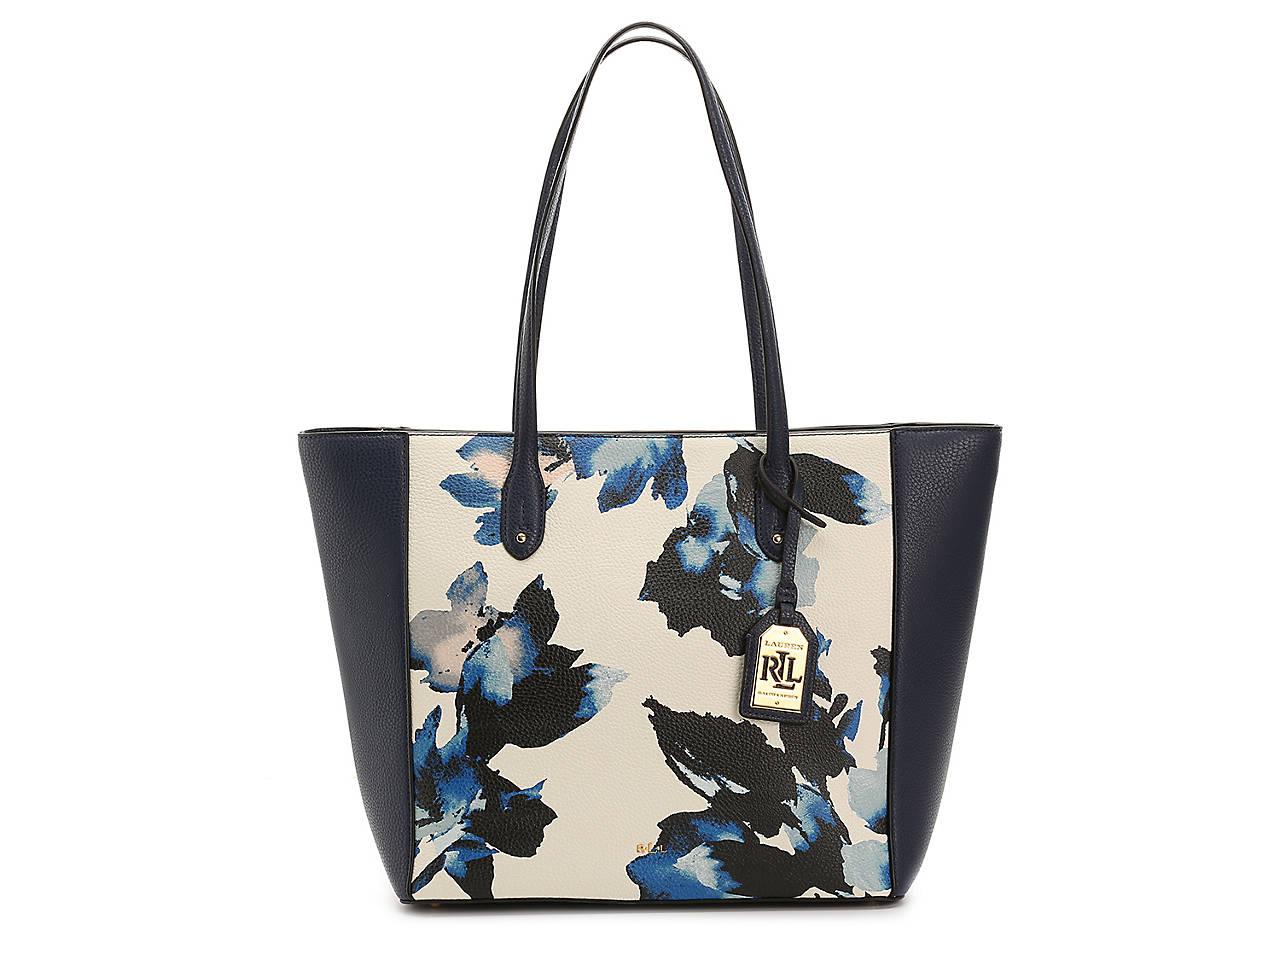 23e9a7db0a Lauren Ralph Lauren Basco Tote Women s Handbags   Accessories